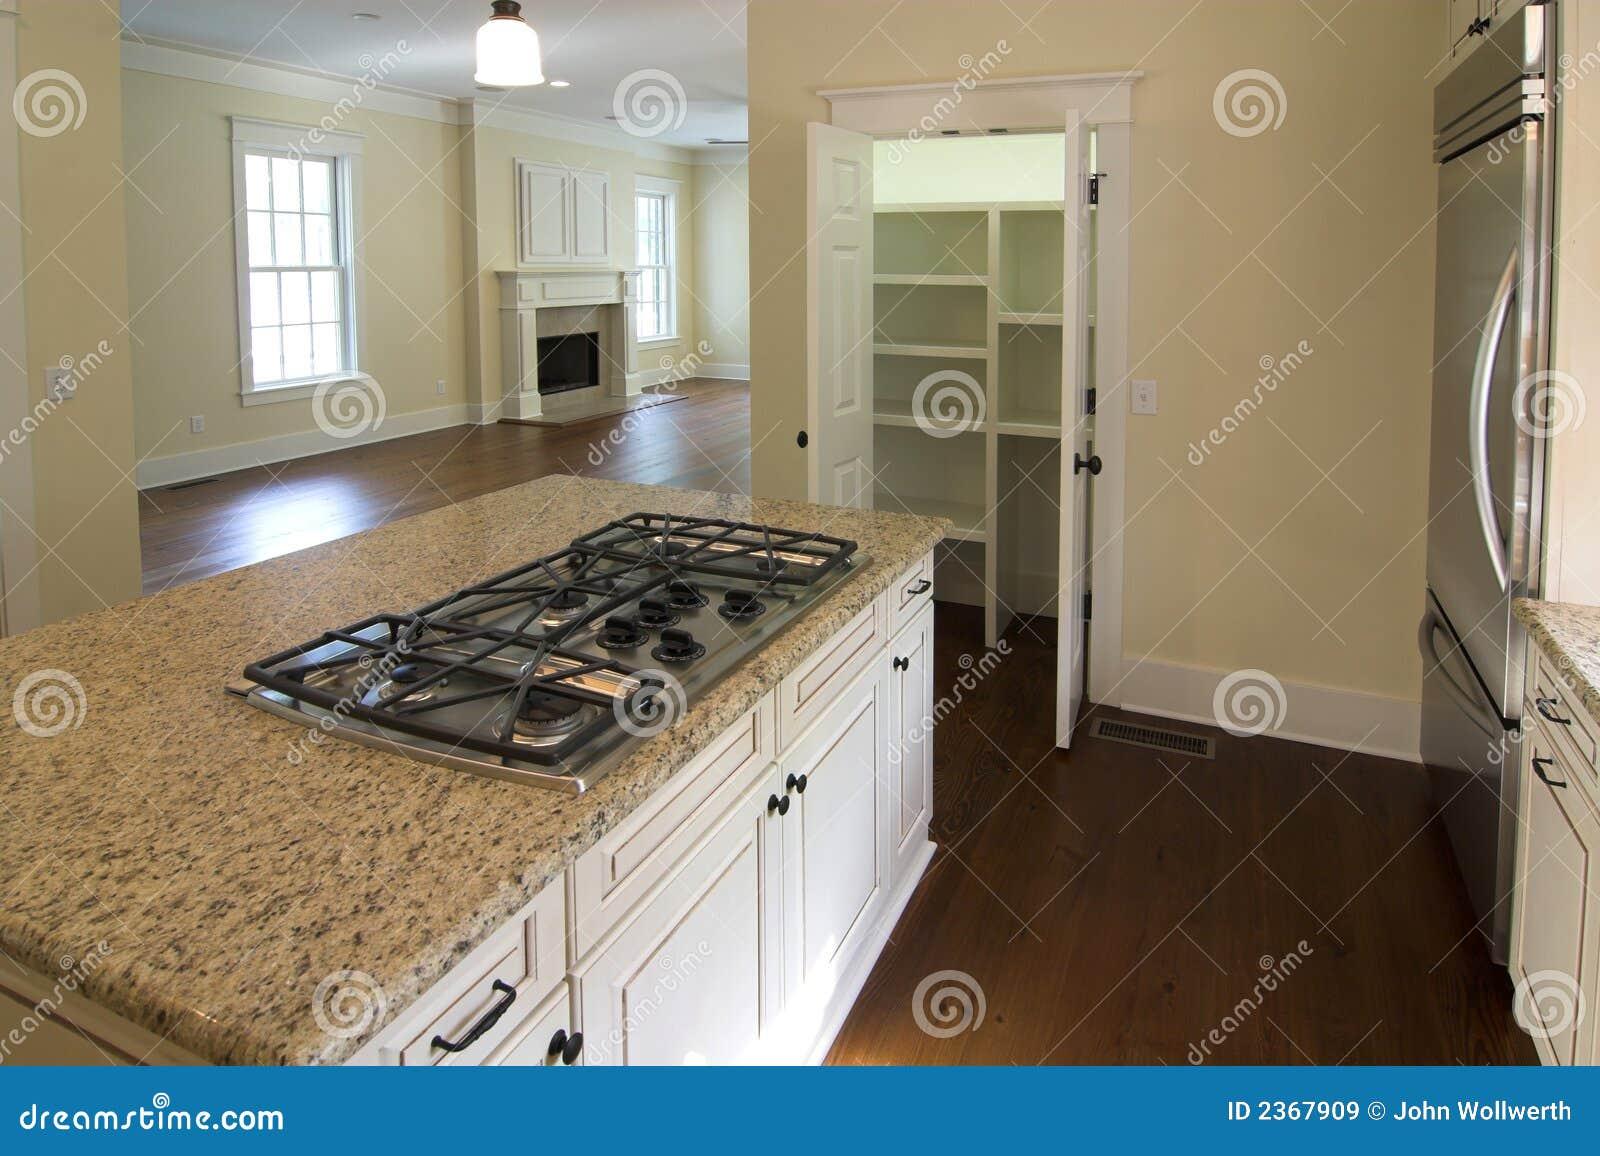 cucina e salone immagini stock libere da diritti - immagine: 2367909 - Salone Cucina